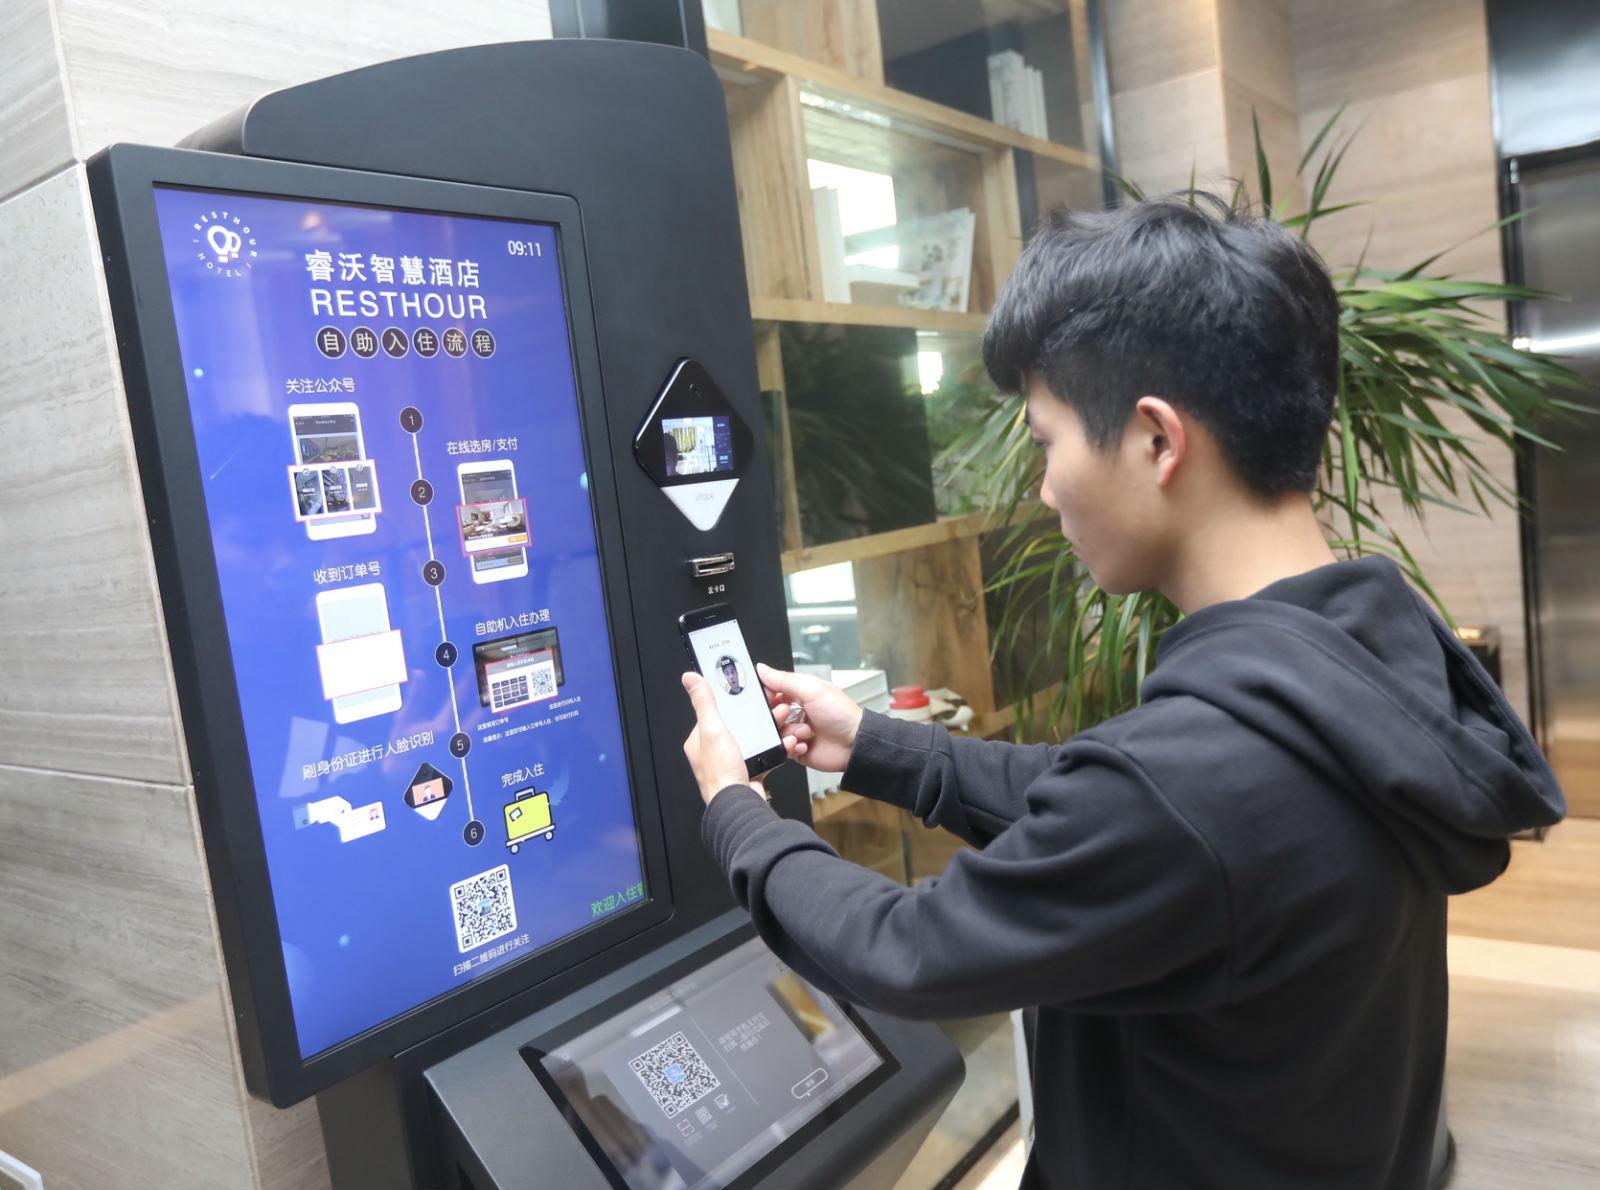 """4月17日,杭州睿沃智慧酒店,一名旅客体验使用支付宝内的""""网证""""办理酒店入住登记。_meitu_3"""